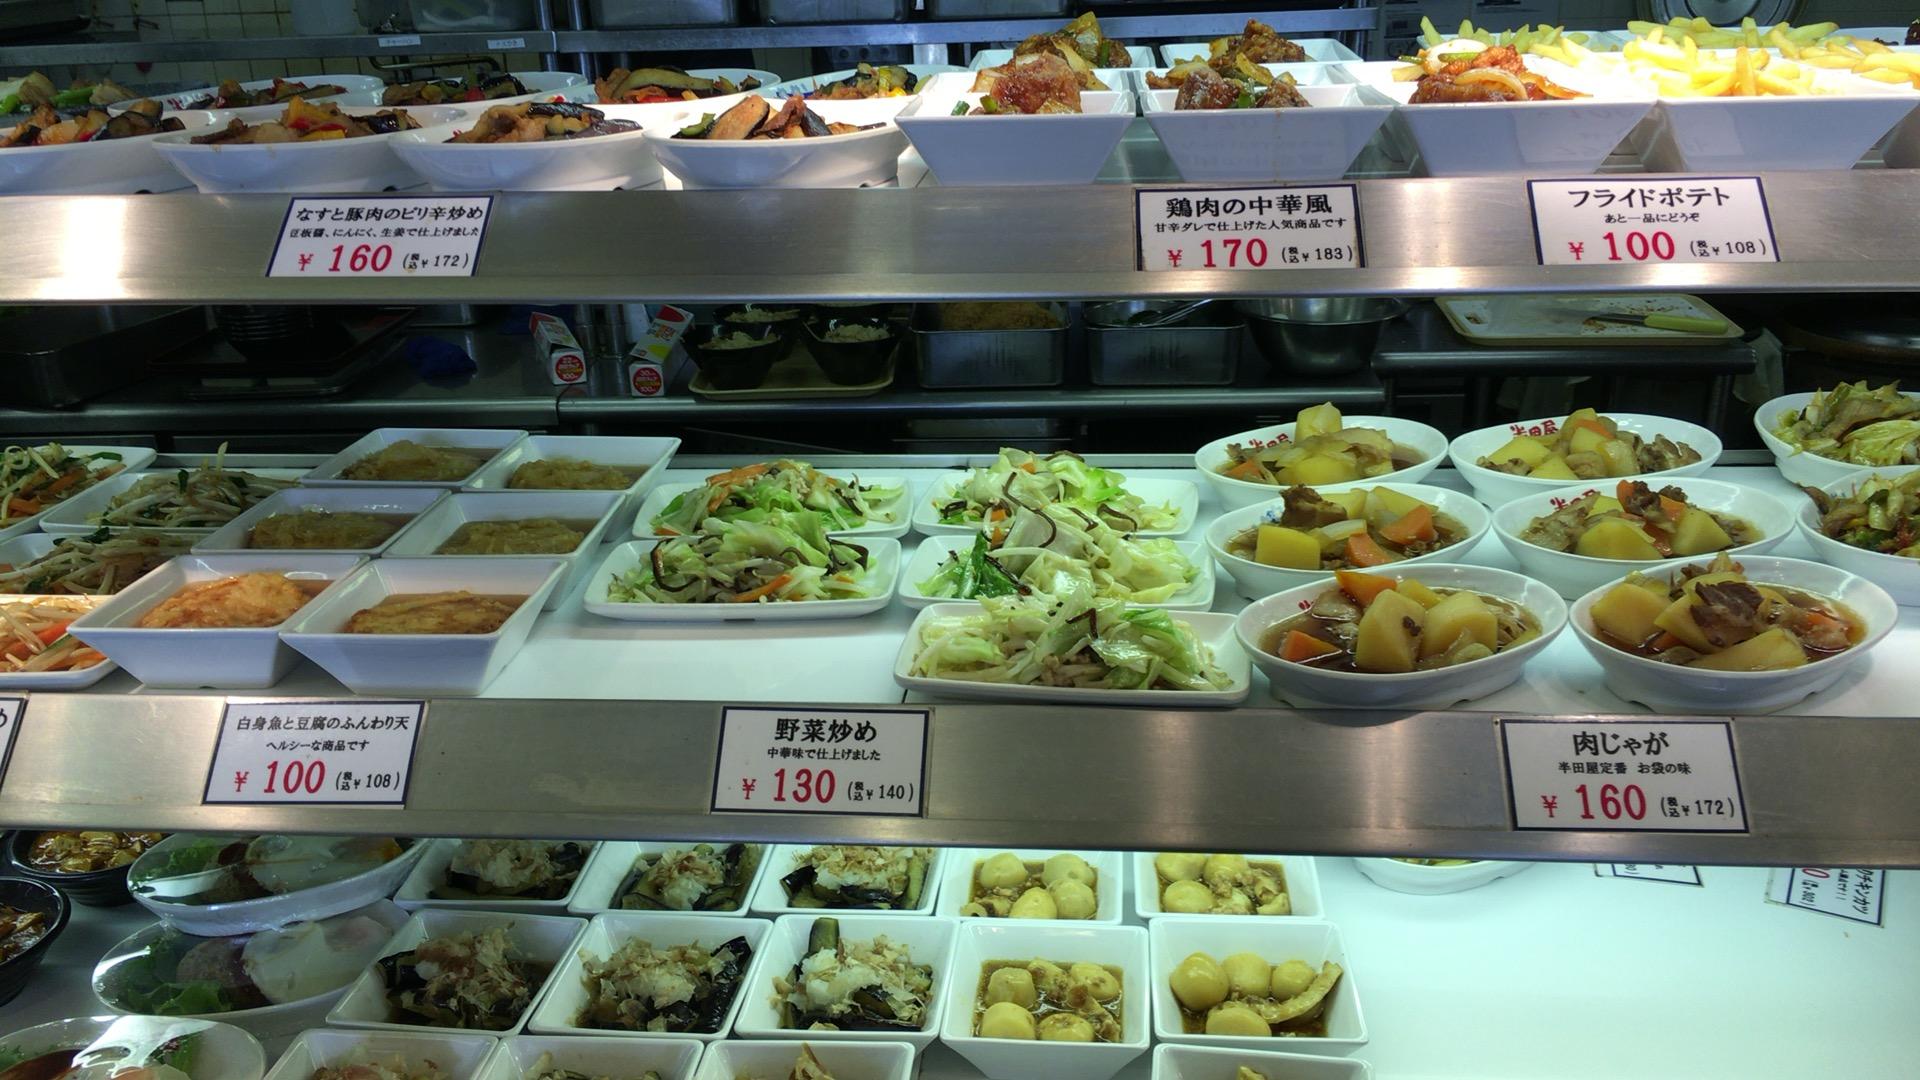 【埼玉県】安い定食屋「半田屋」のシステム・店舗一覧とメニュー